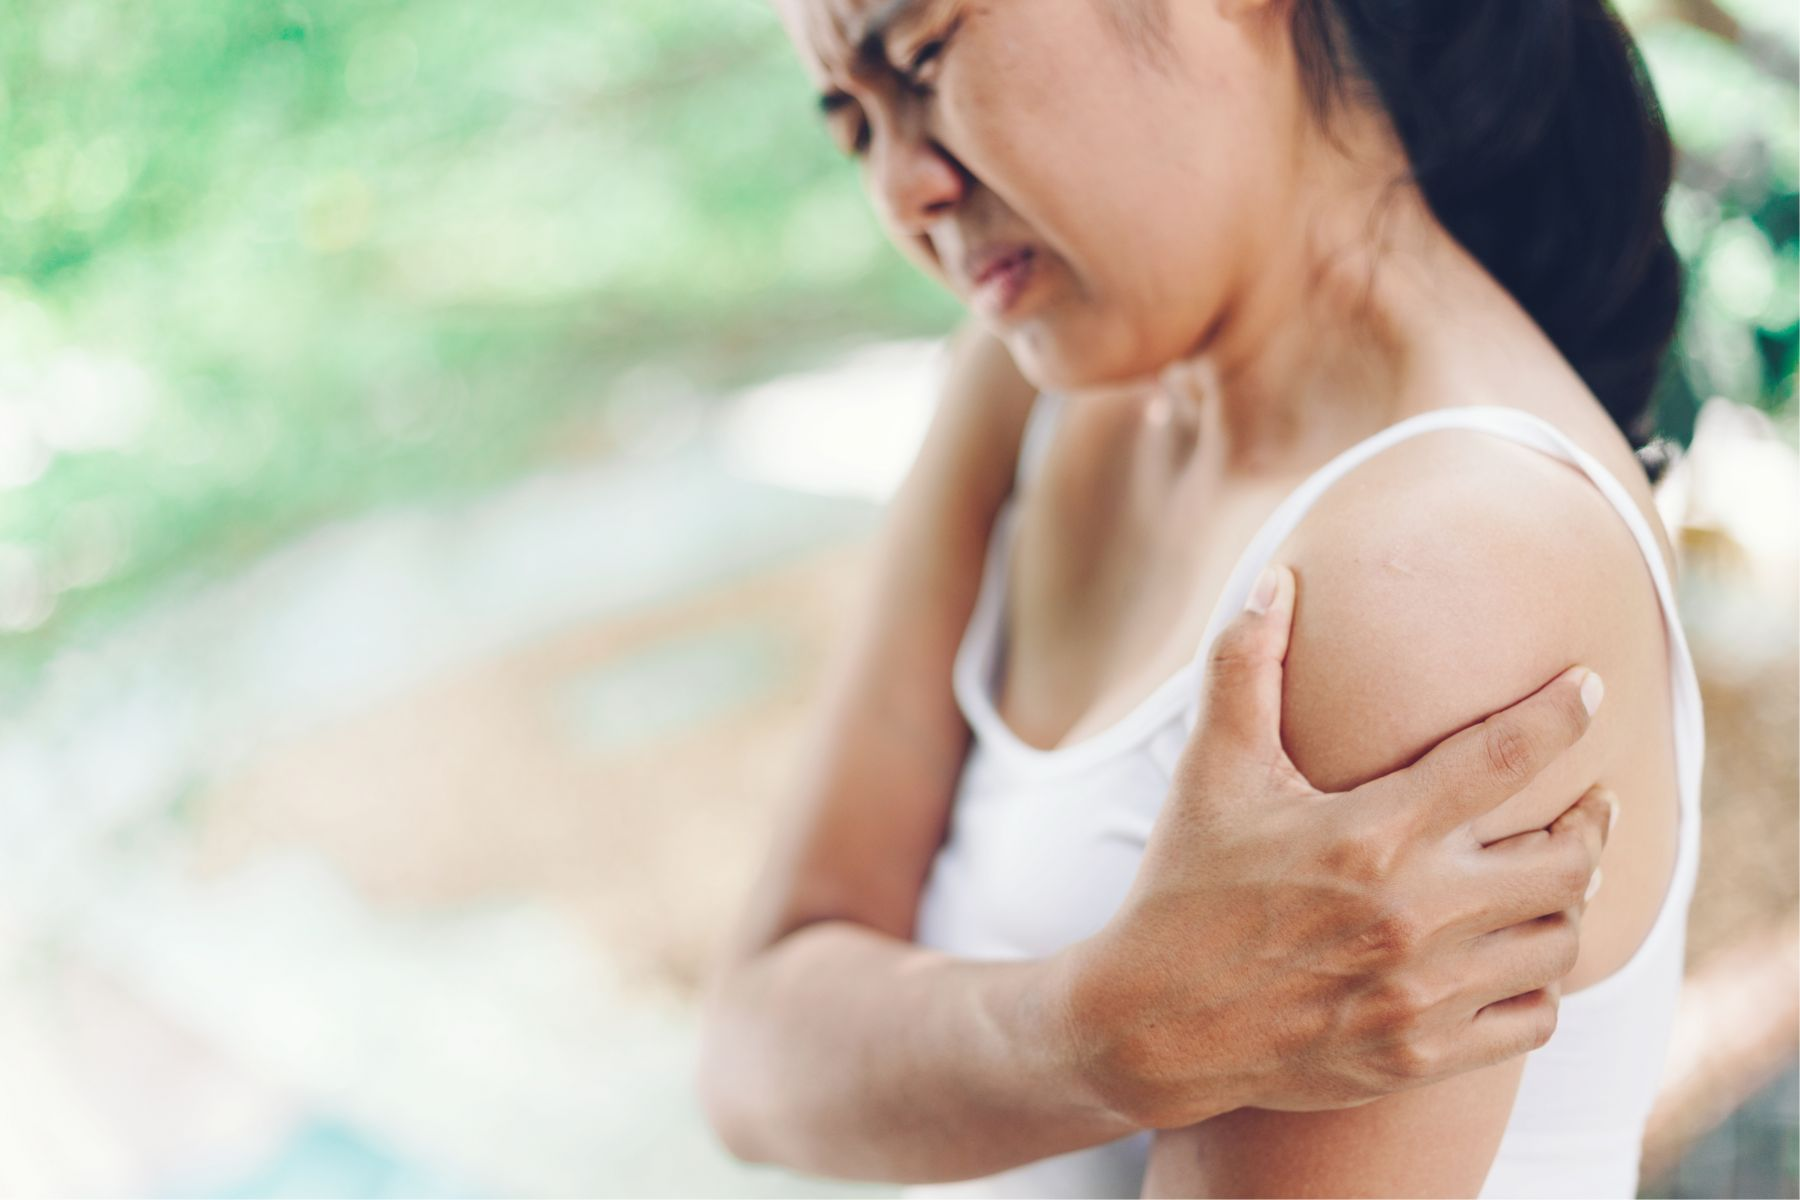 五十肩一發作沒完沒了?這2招有效解除疼痛,關節不老自動好